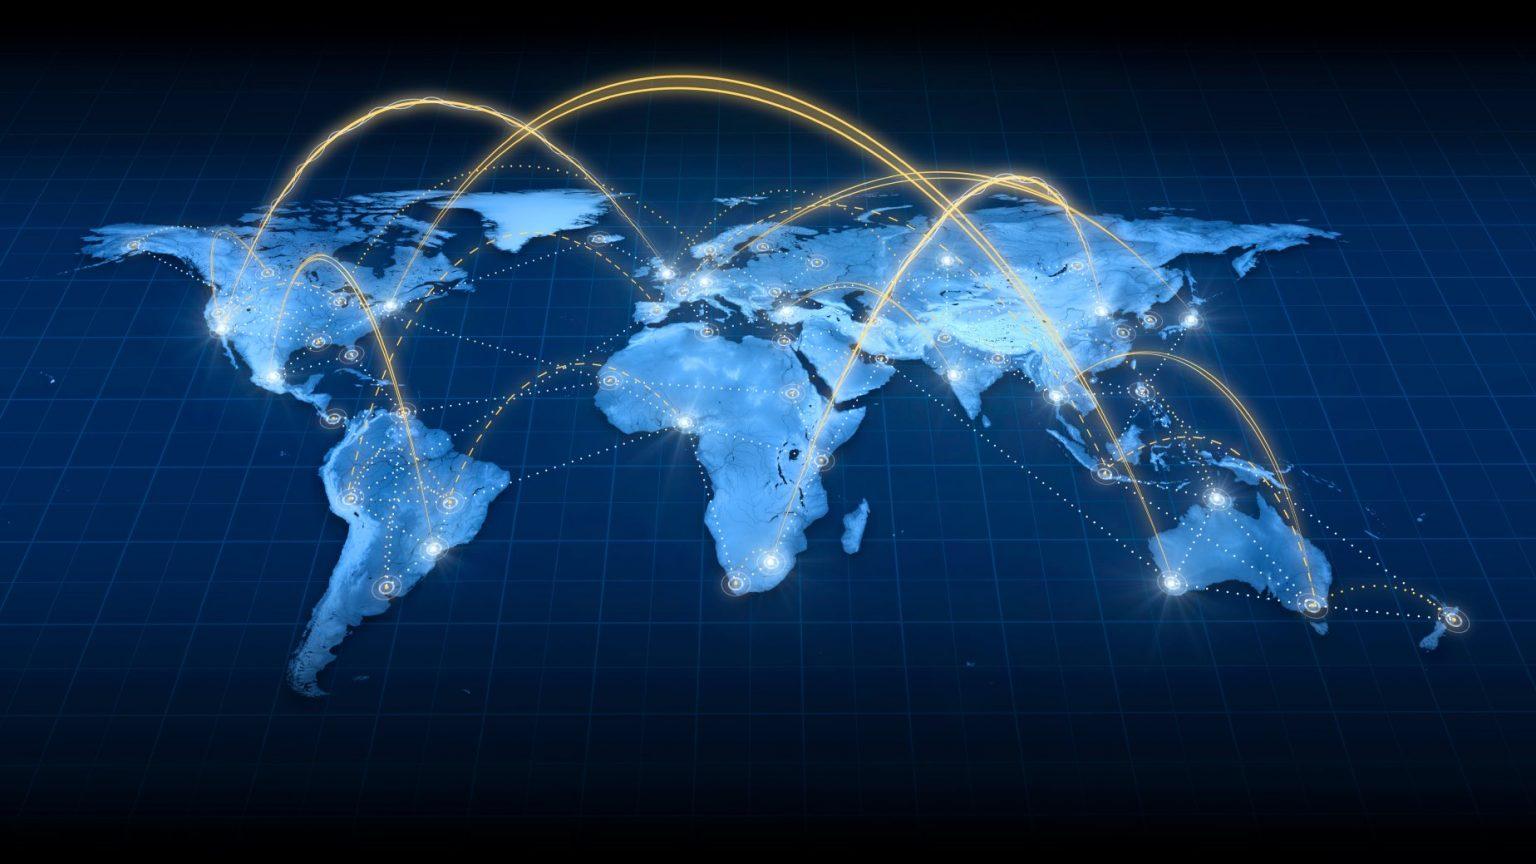 Cloud hosting IDC, private cloud, public cloud, vendor revenues cloud, cloud spending, IDC Worldwide Quarterly Cloud IT Infrastructure Tracker, servers, enterprise storage, Ethernet switches